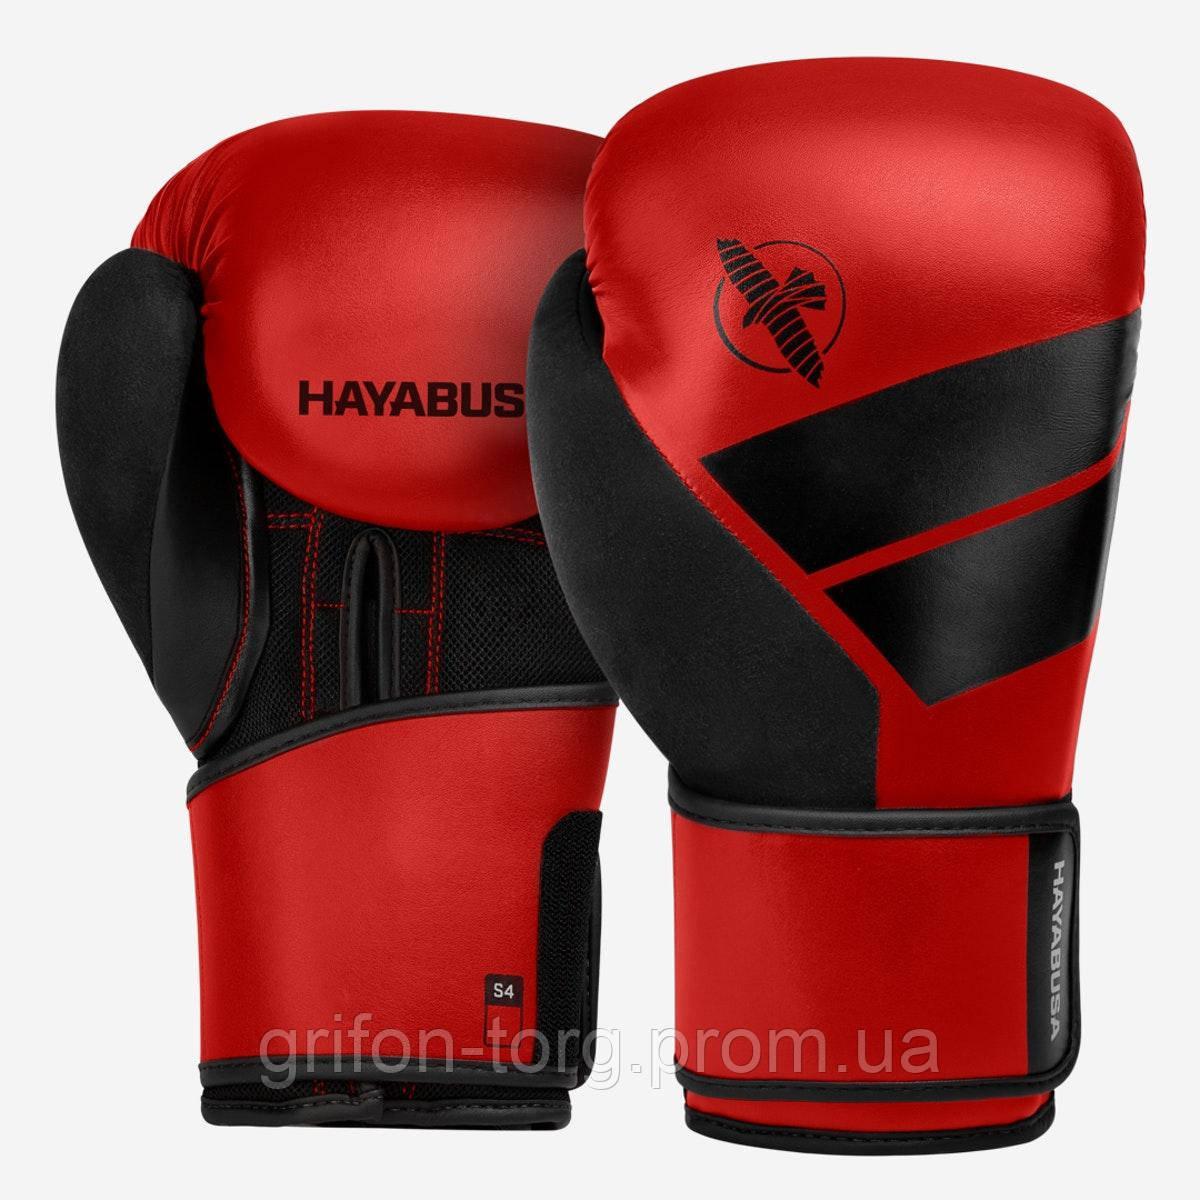 Боксерські рукавички Hayabusa S4 - Червоні 16oz (Original) L Шкіра